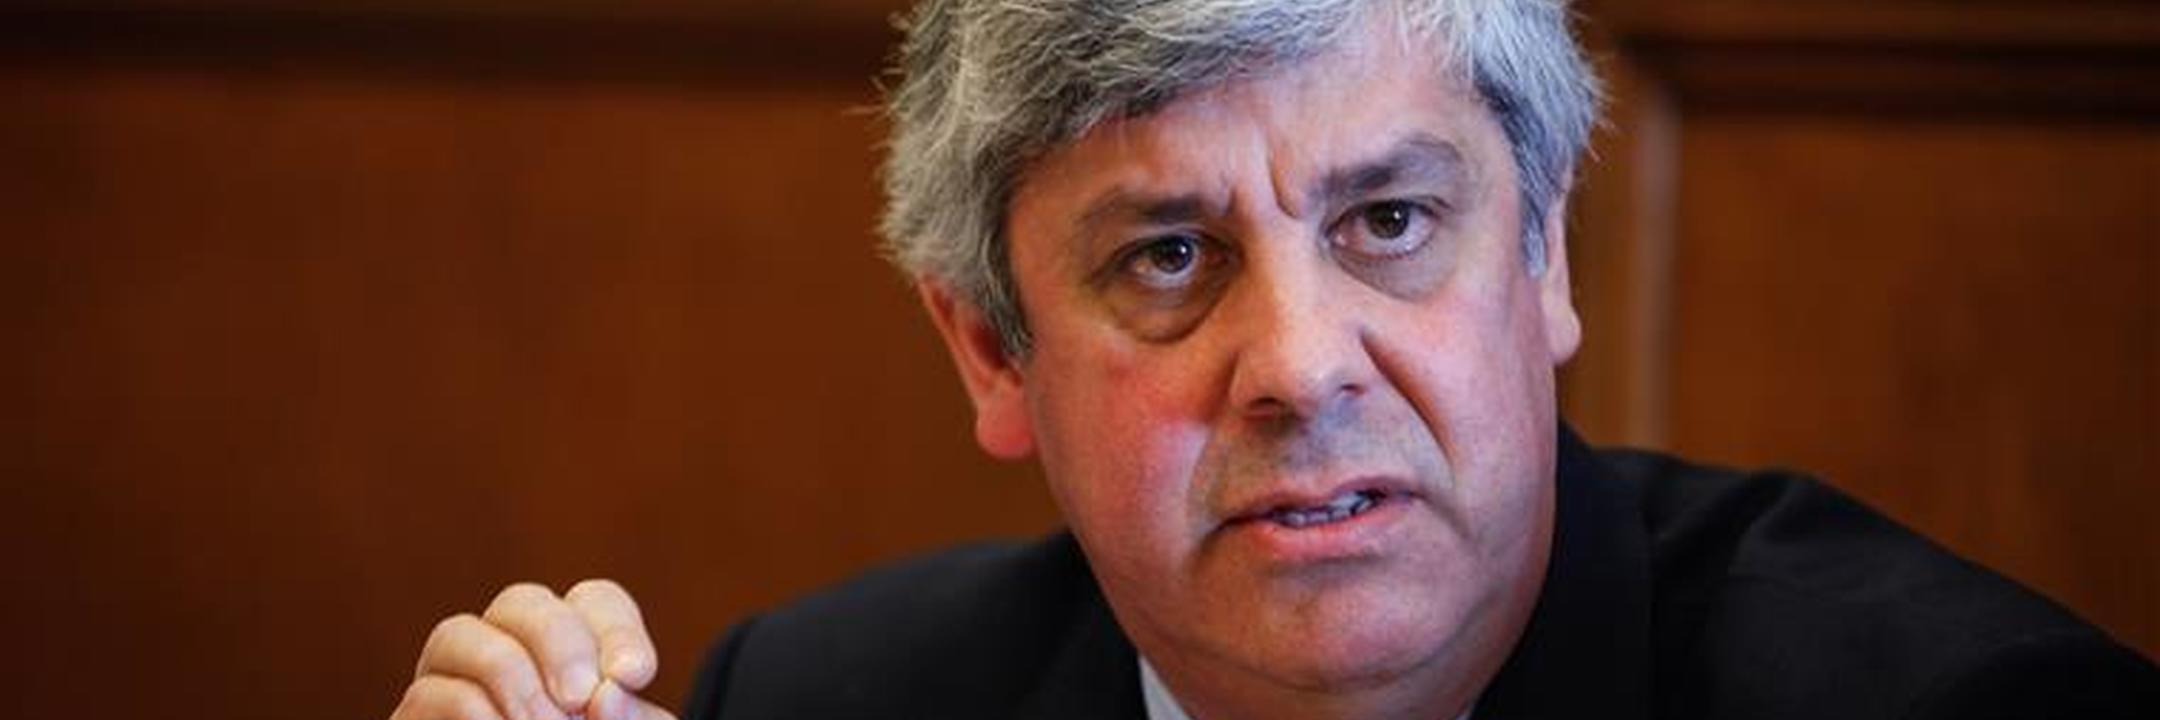 Números de Centeno não coincidem com Ministério das Finanças, diz economista